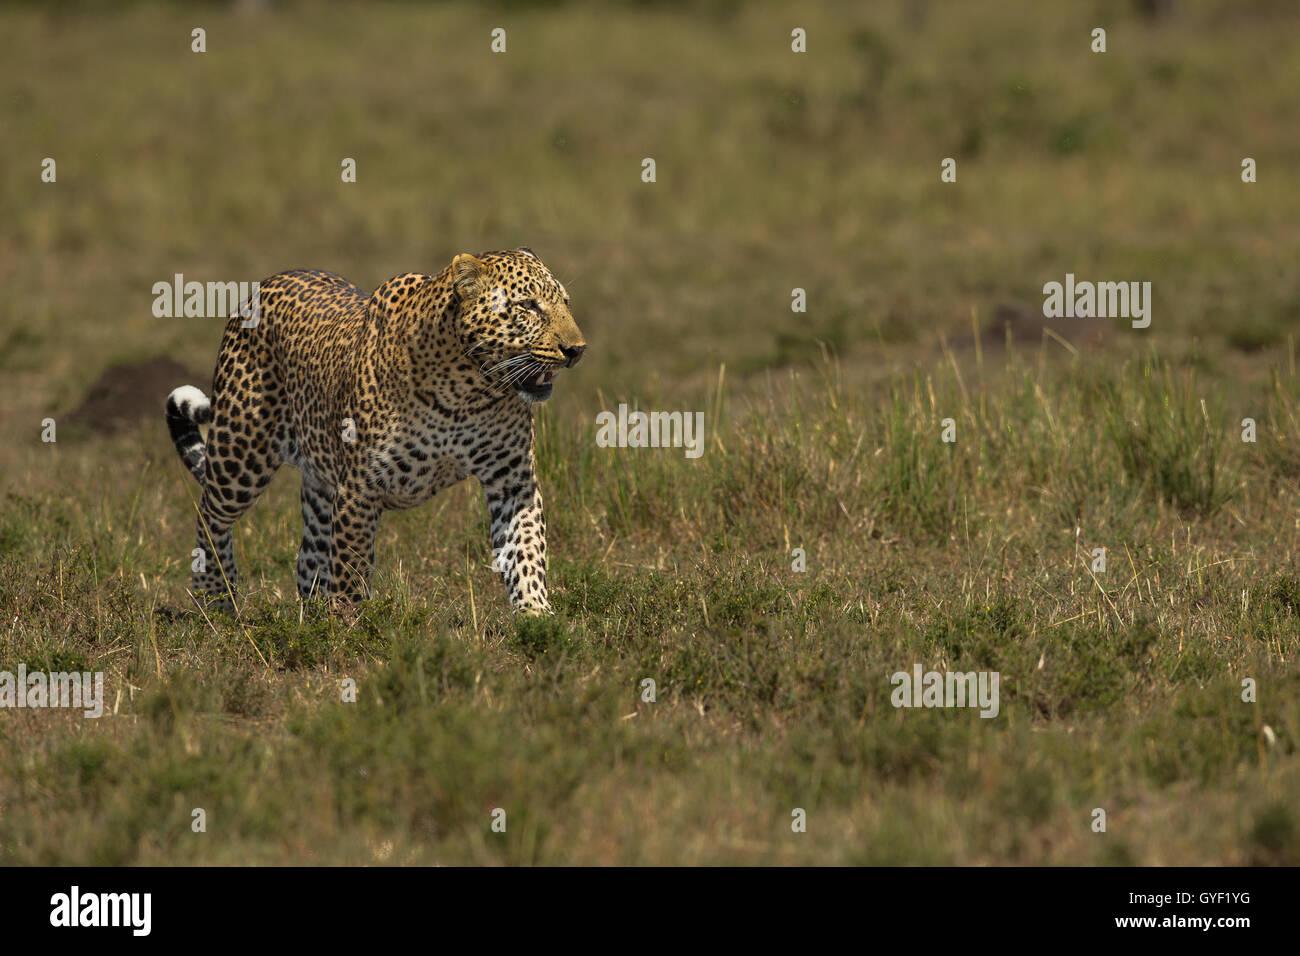 Walking leopard - Stock Image